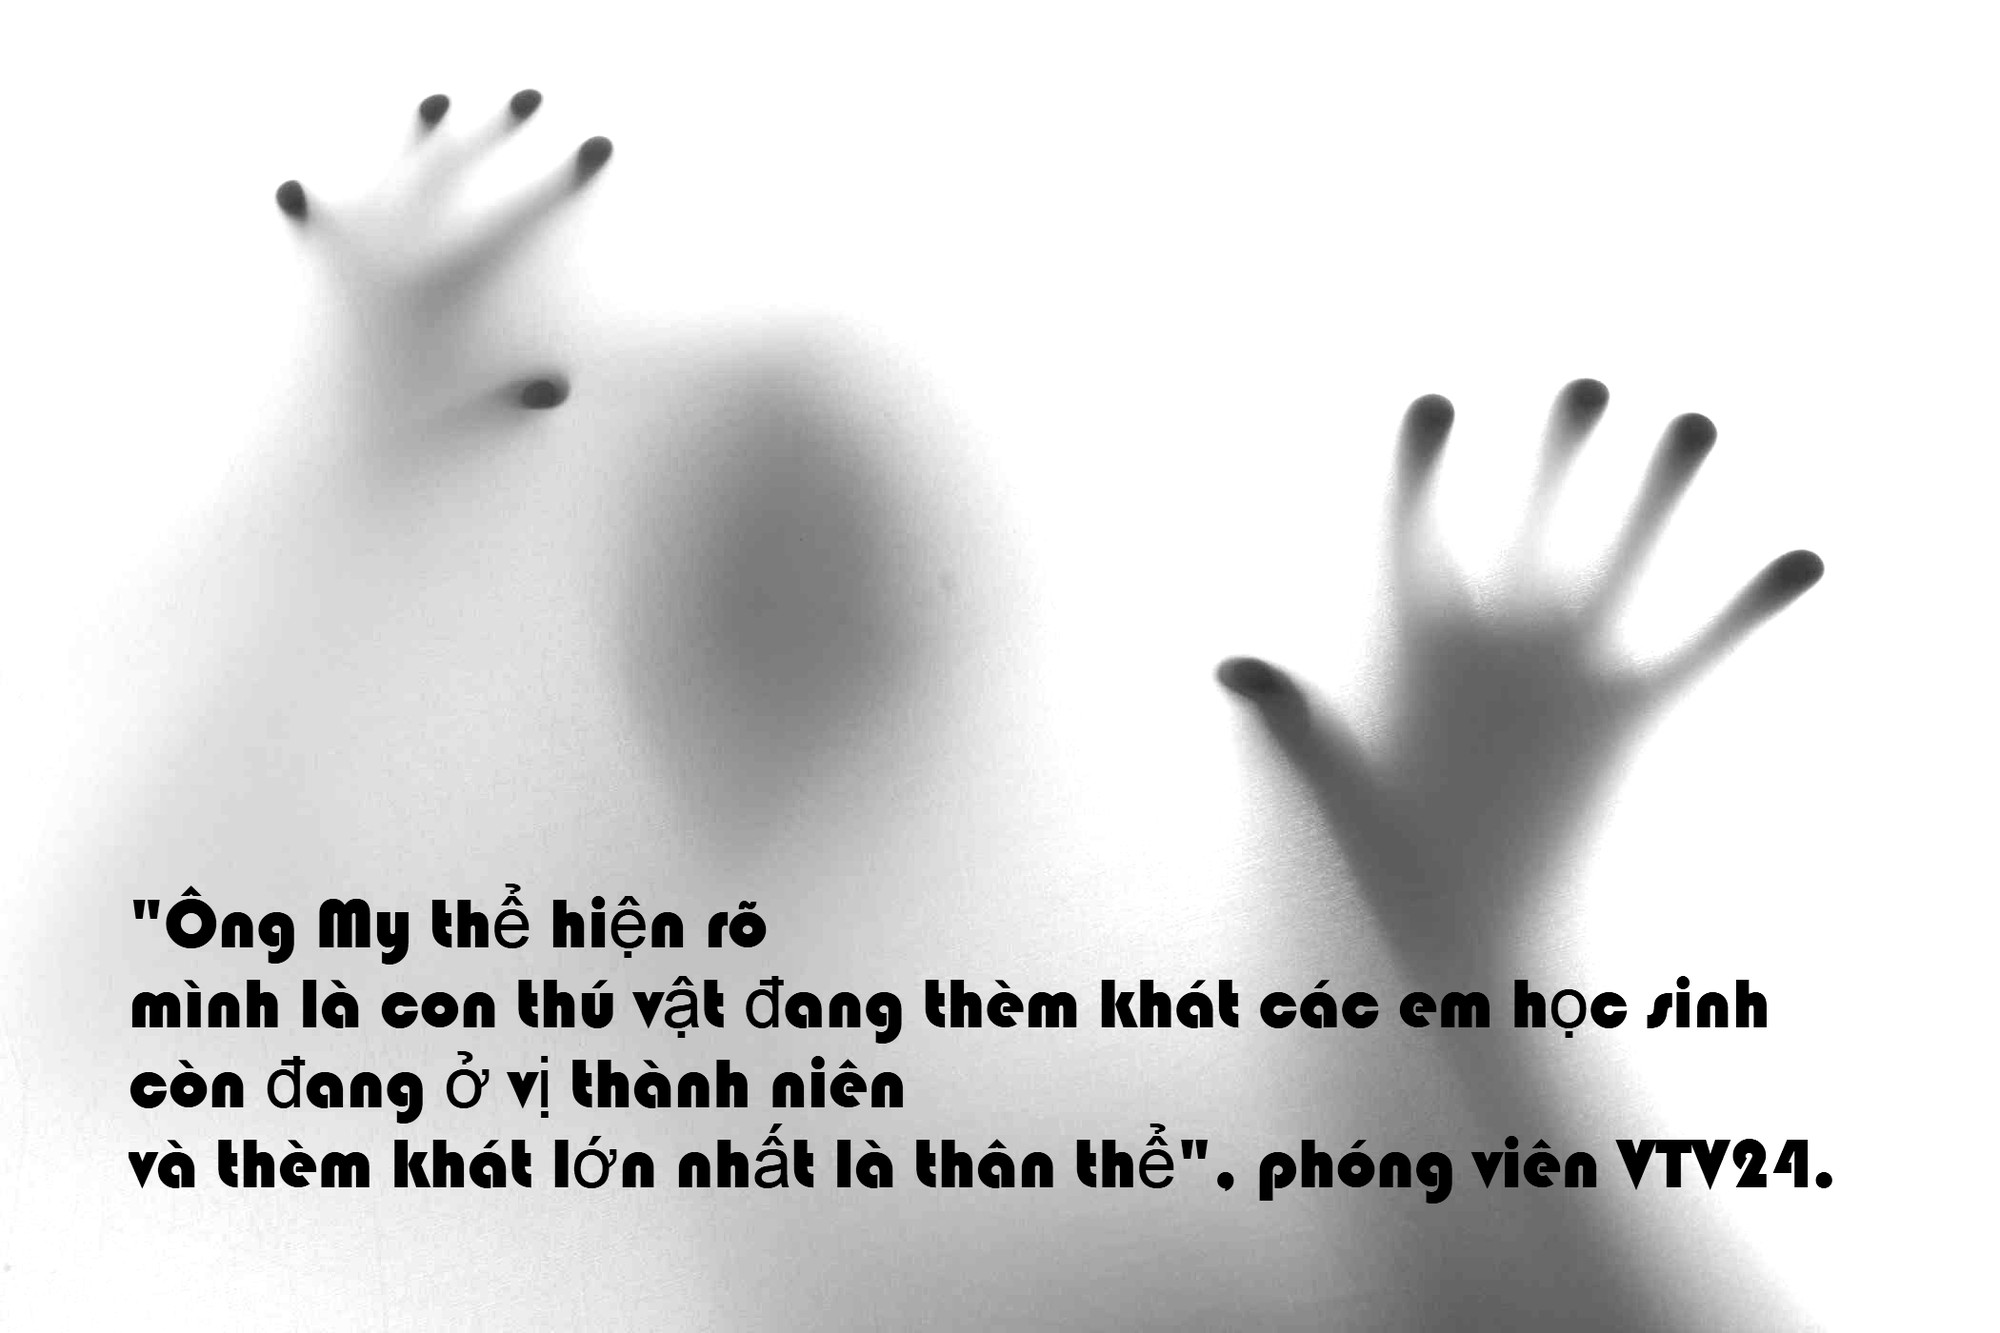 Phóng viên VTV24 và ám ảnh hành trình đưa ra ánh sáng hiệu trưởng lạm dụng nam sinh ở Phú Thọ - Ảnh 8.